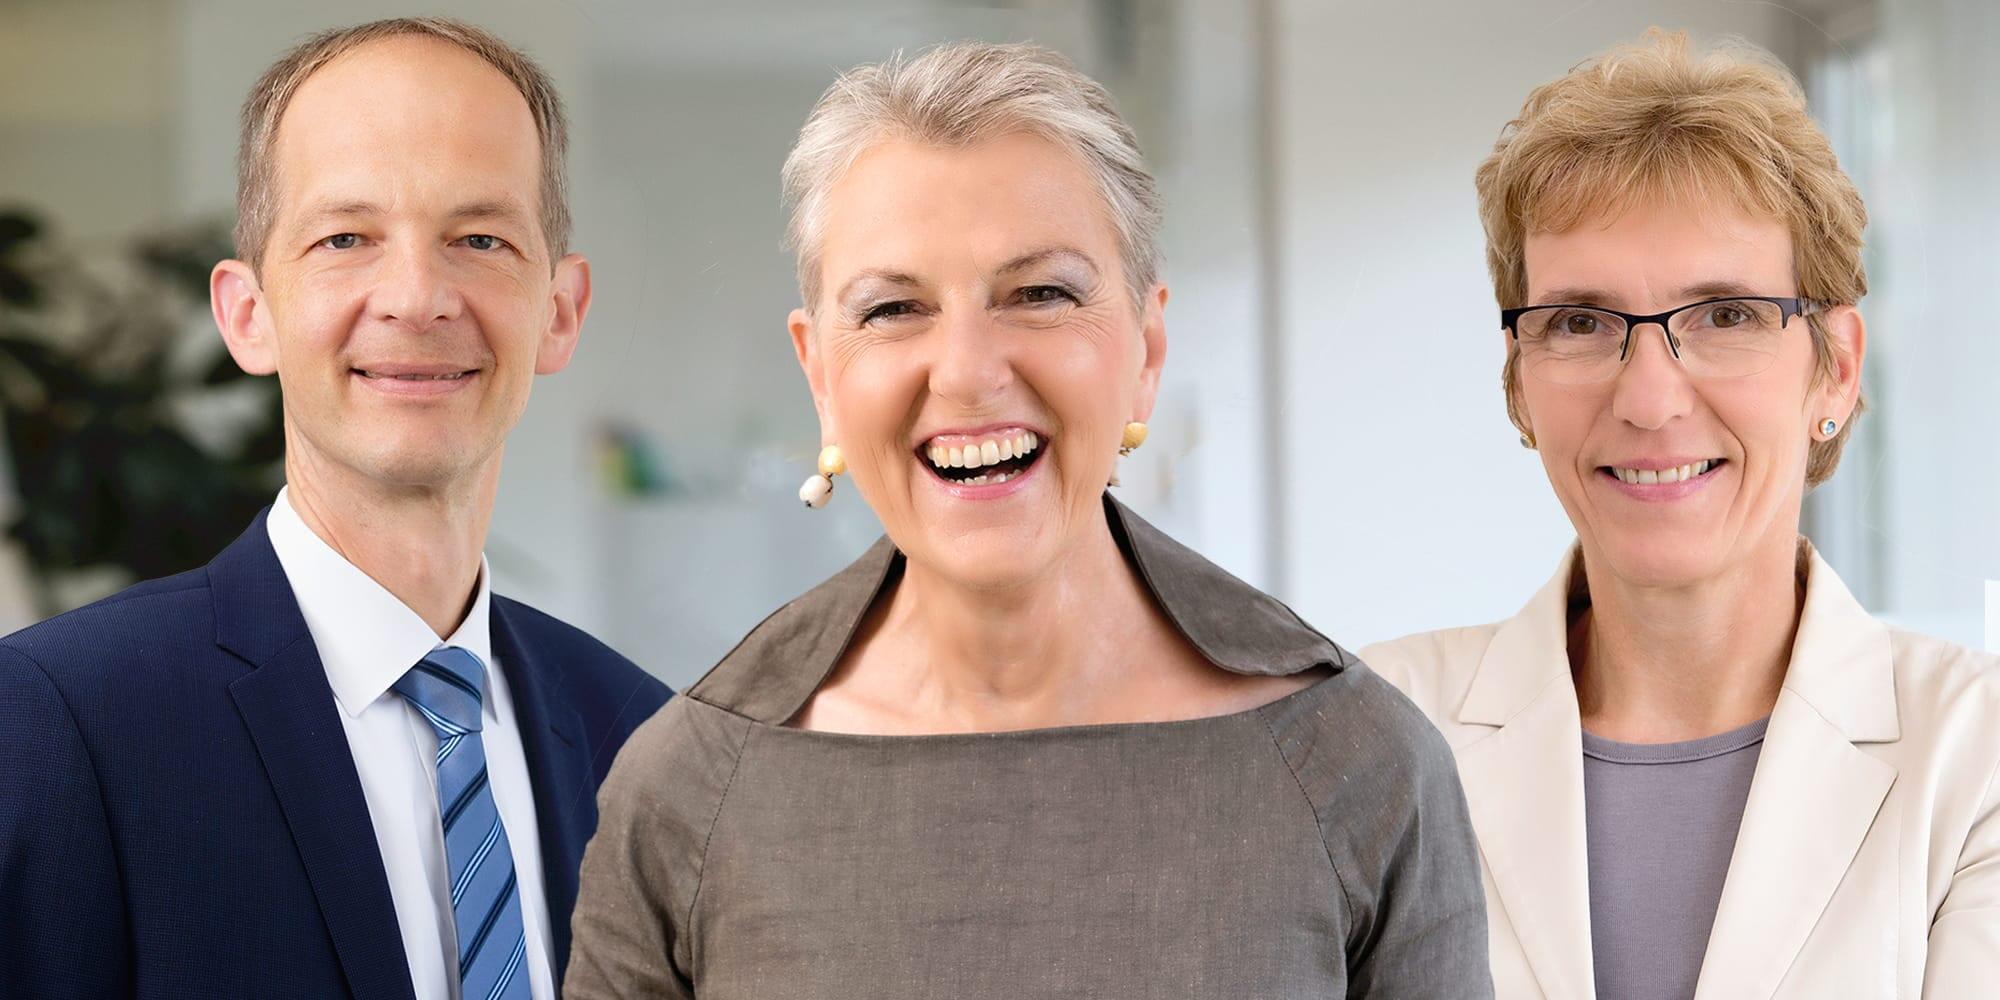 Gollub Klemeyer Fachanwälte für Familienrecht in Bremerhaven